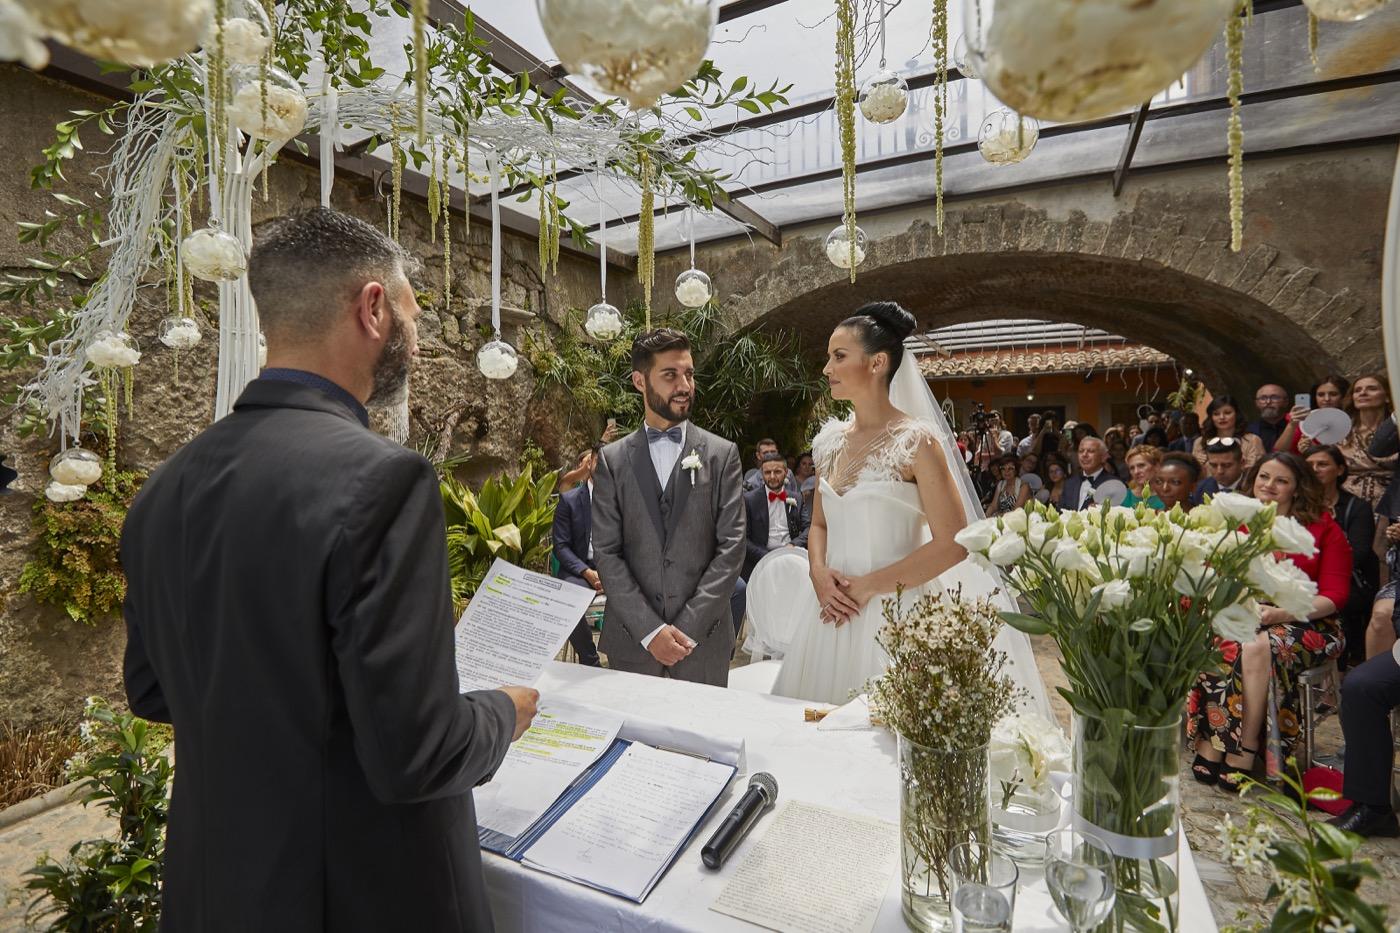 Claudio-Coppola-wedding-photographer-villa-del-cardinale-rocca-di-papa-castel-gandolfo-35